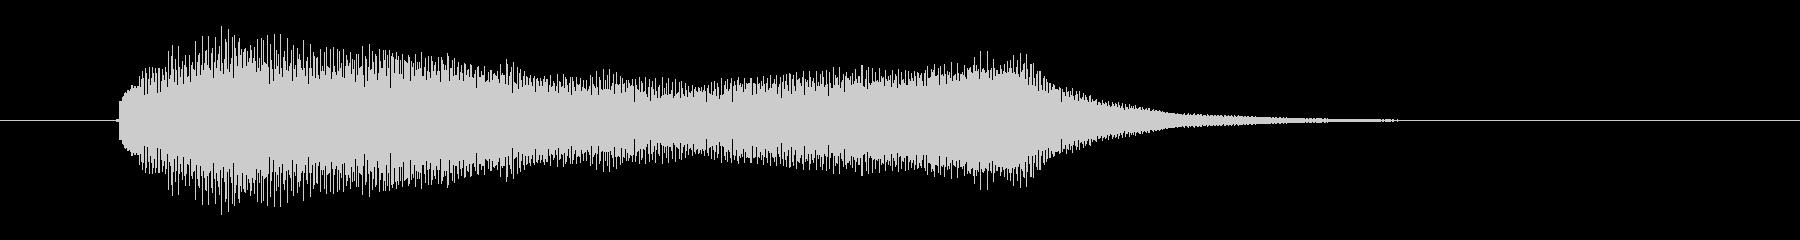 ポローン(透明感、爽やか)の未再生の波形